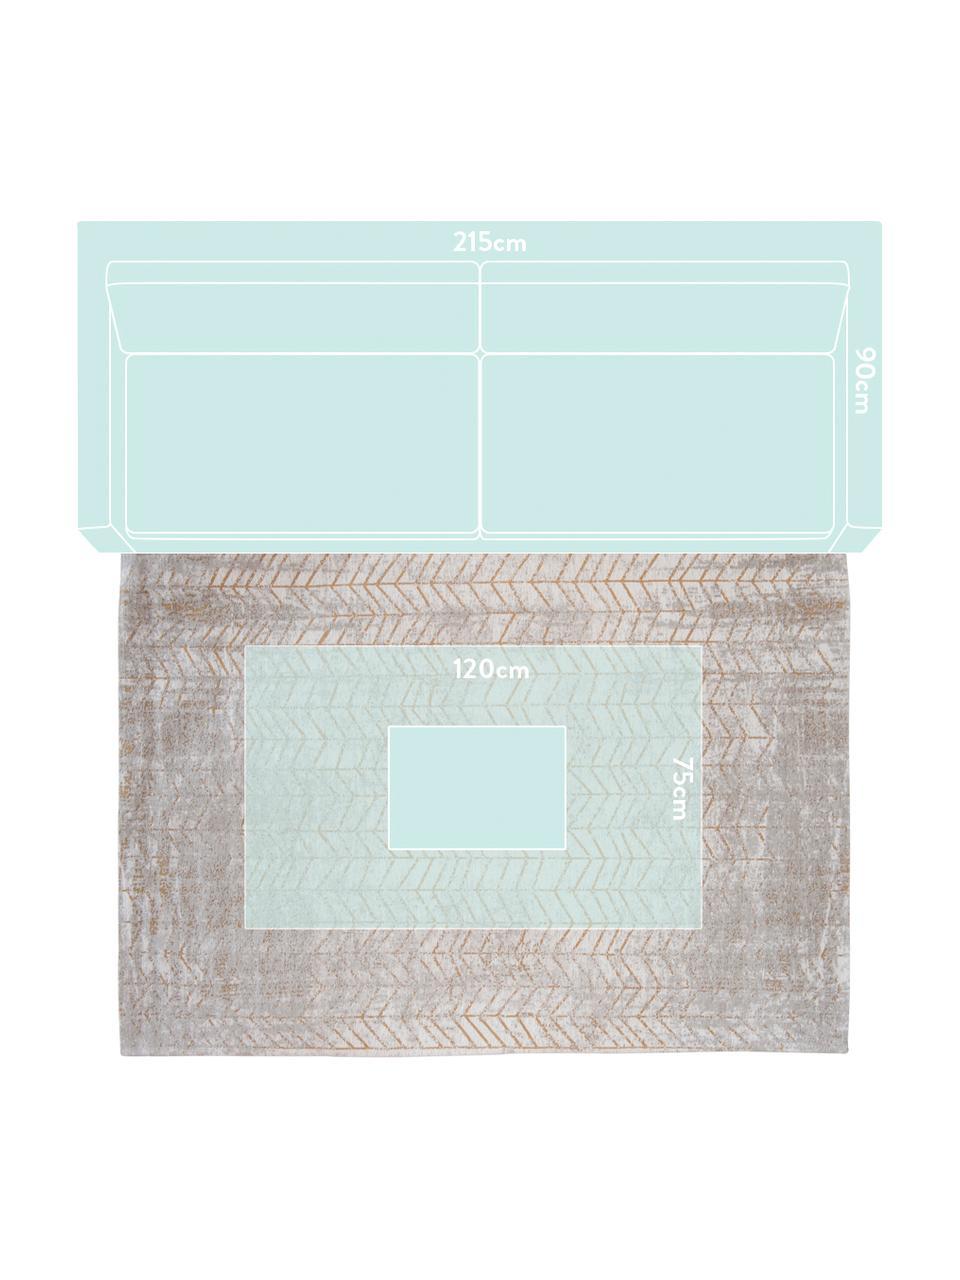 Tappeto con motivo a zigzag dorato J. Ladder, Retro: misto cotone rivestito in, Tonalità grigie, bianco latteo, dorato, Larg. 200 x Lung. 280 cm (taglia L)